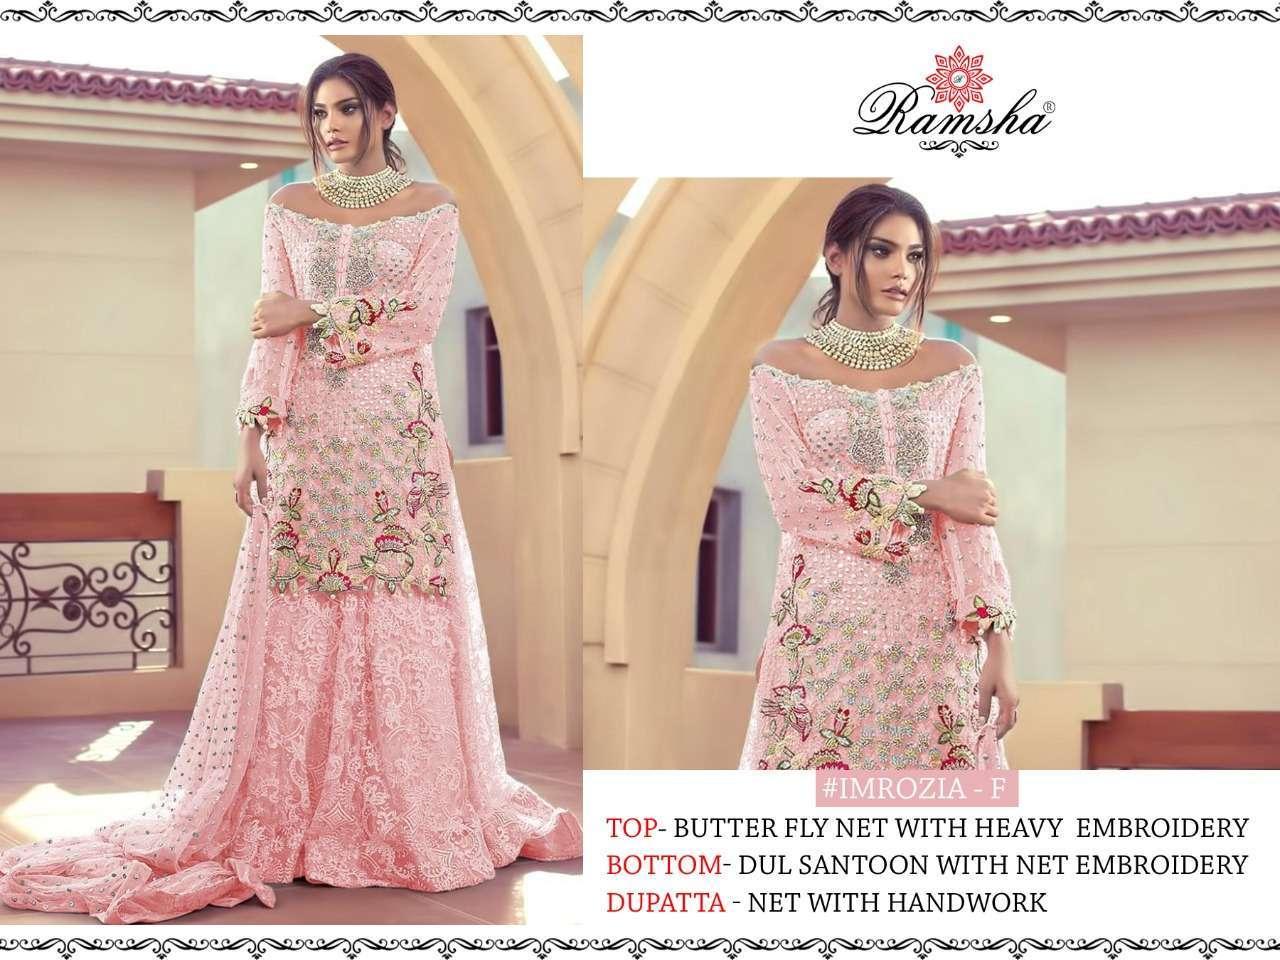 Ramsha Imrozia Nx with embroidery wotk pakisatni suit collection 03